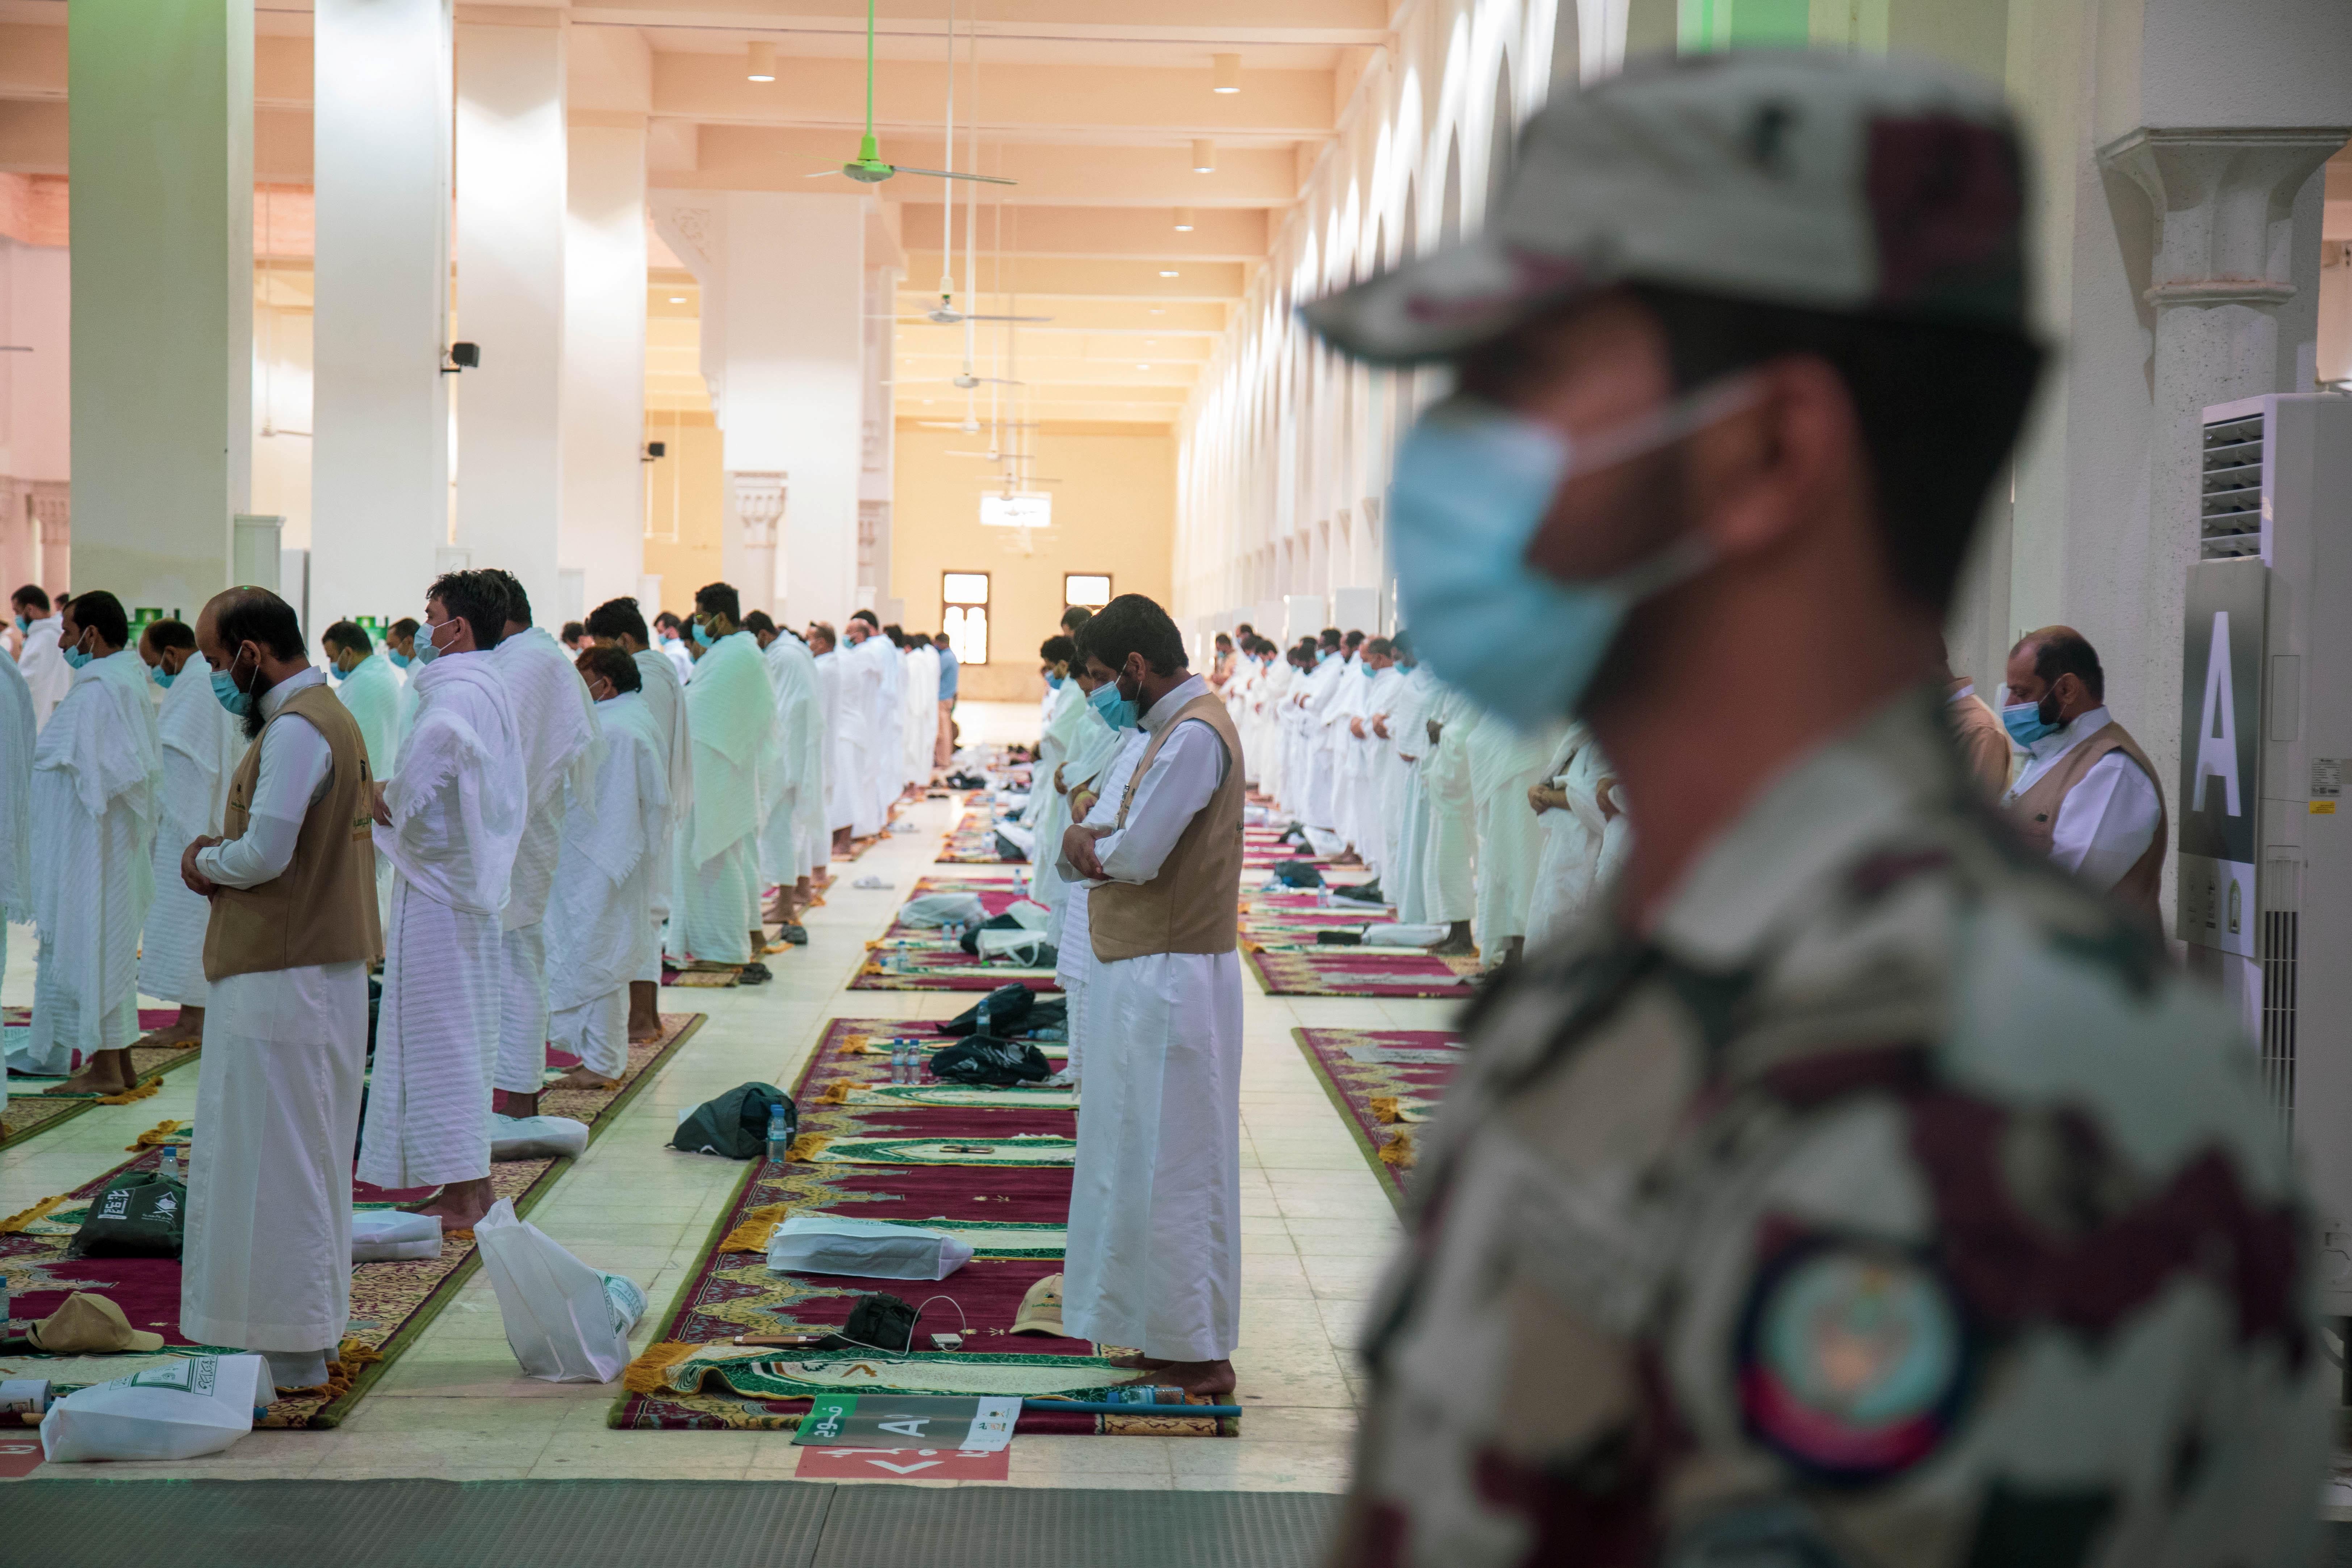 حجاج في مسجد نمرة الذي يعد من أهم المعالم في مشعر عرفات